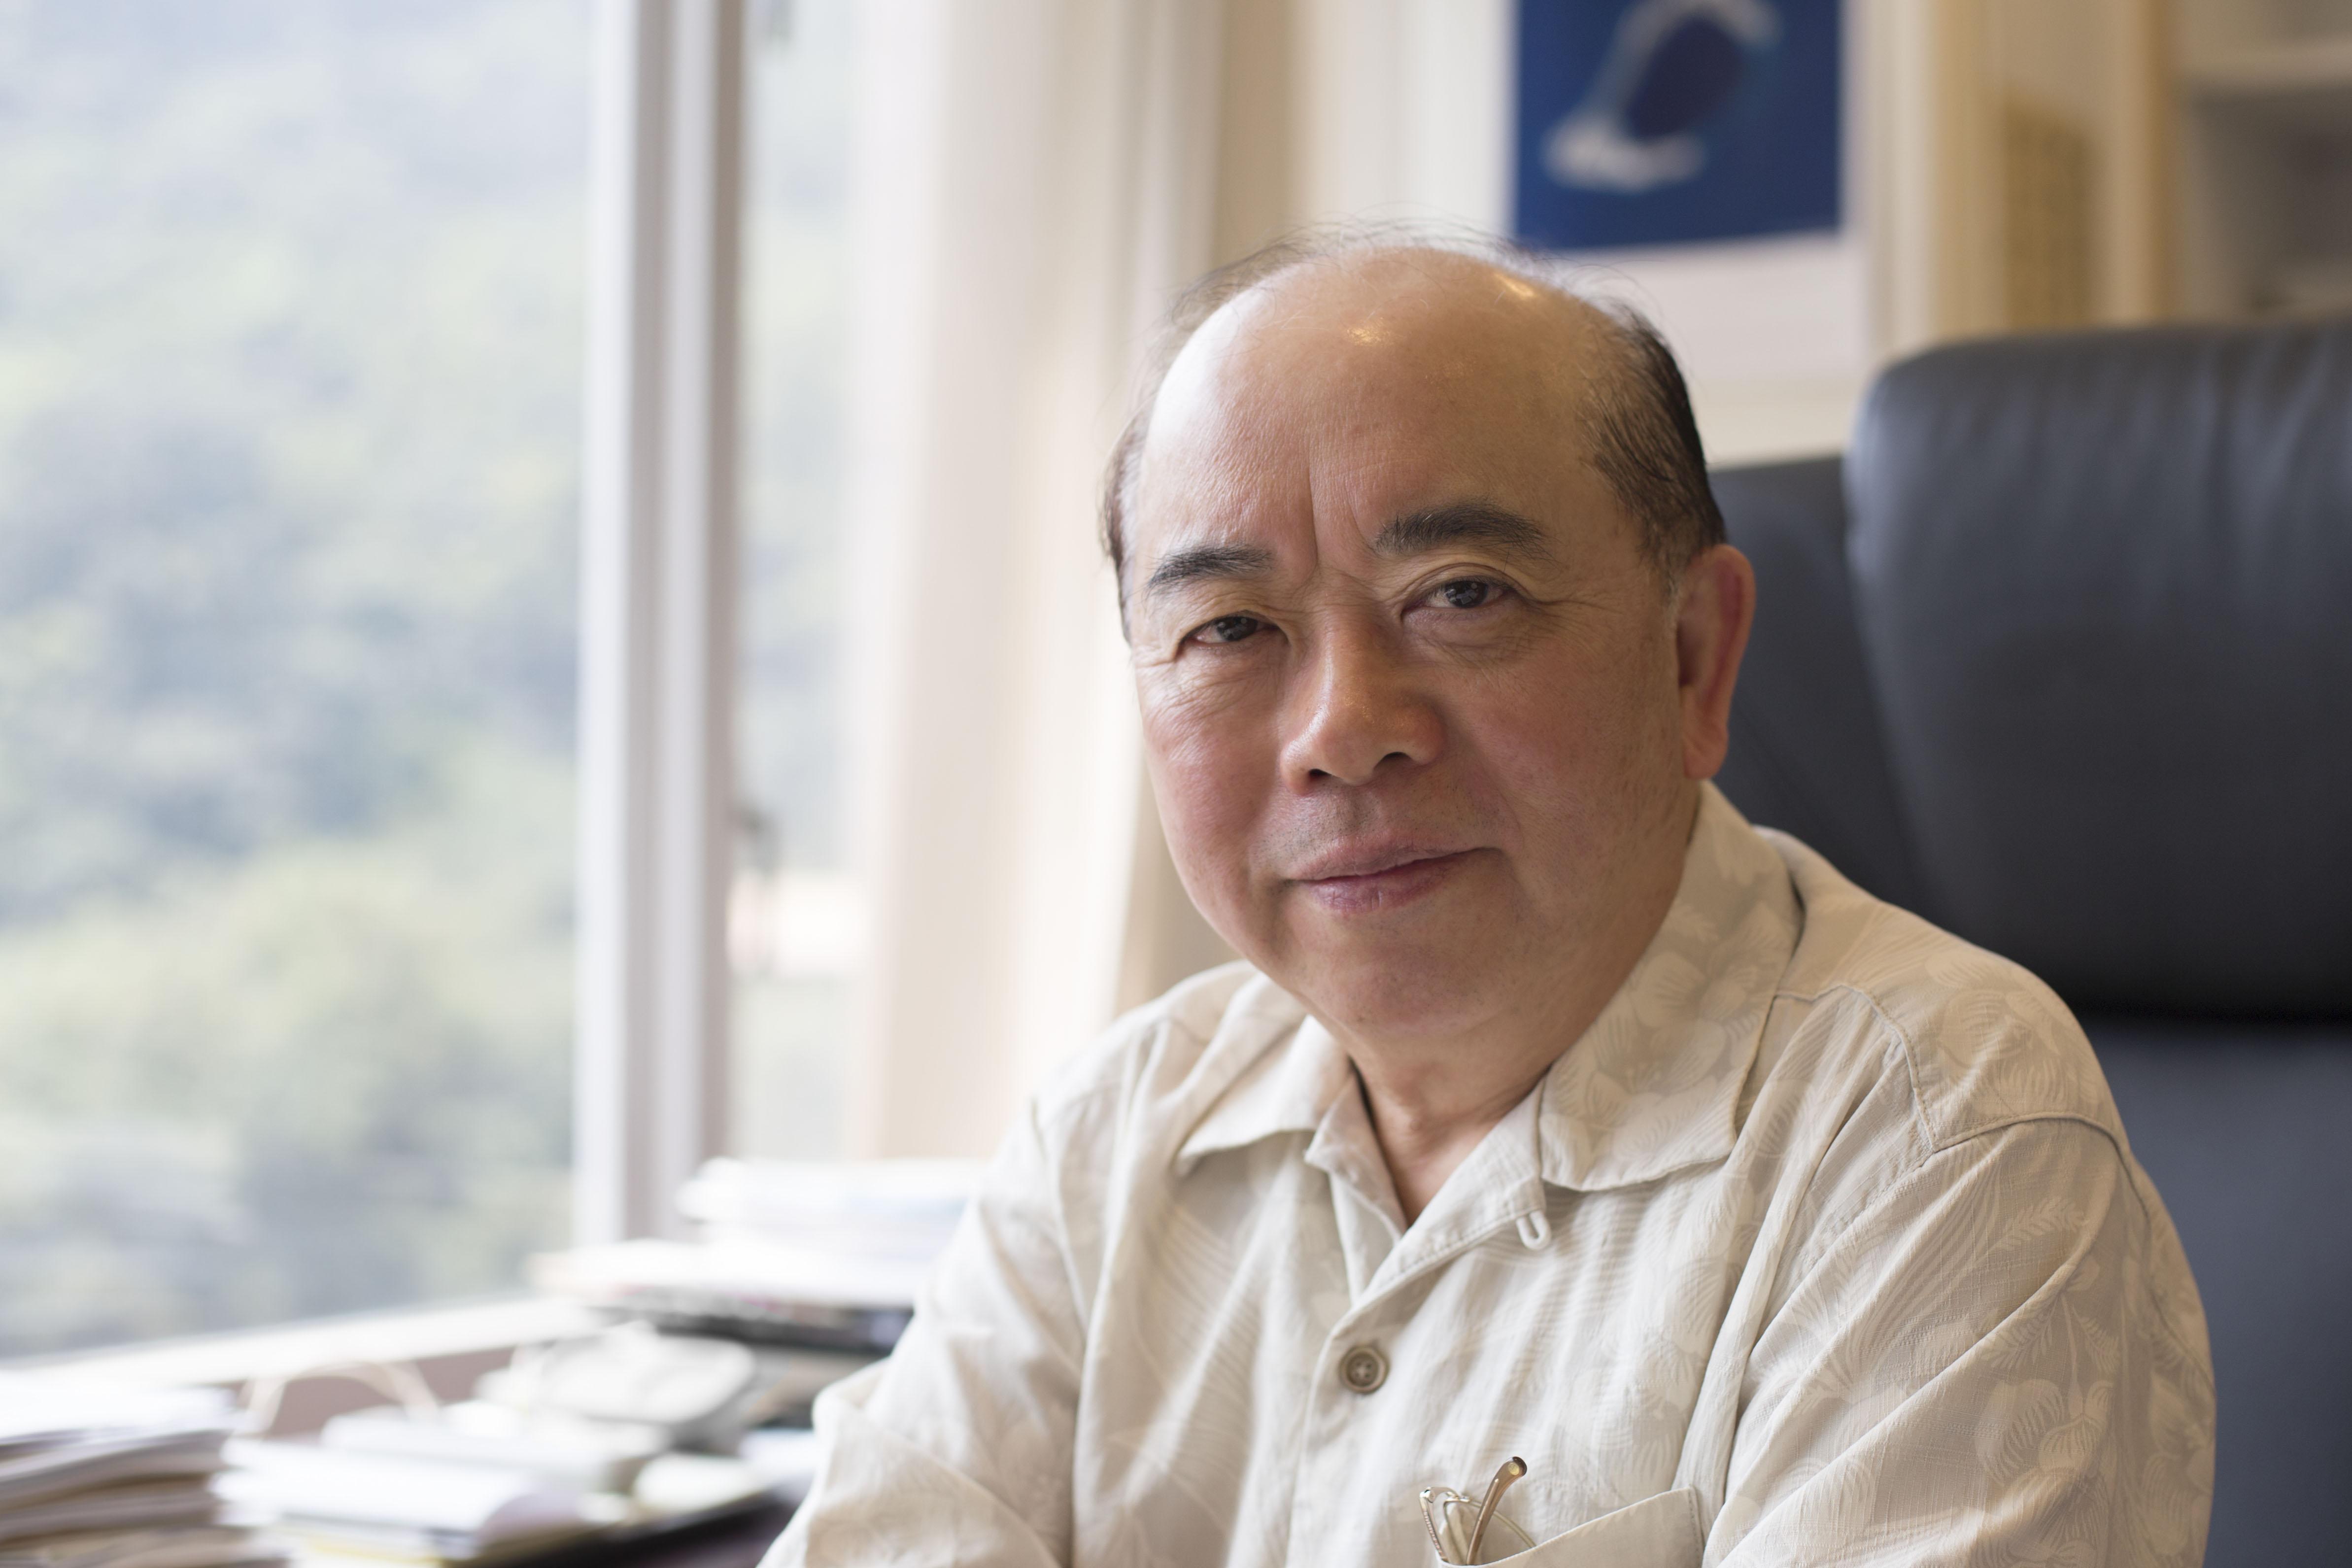 本文專訪氣象學家王寳貫,從物理的角度認識「雲」。 攝影│張語辰